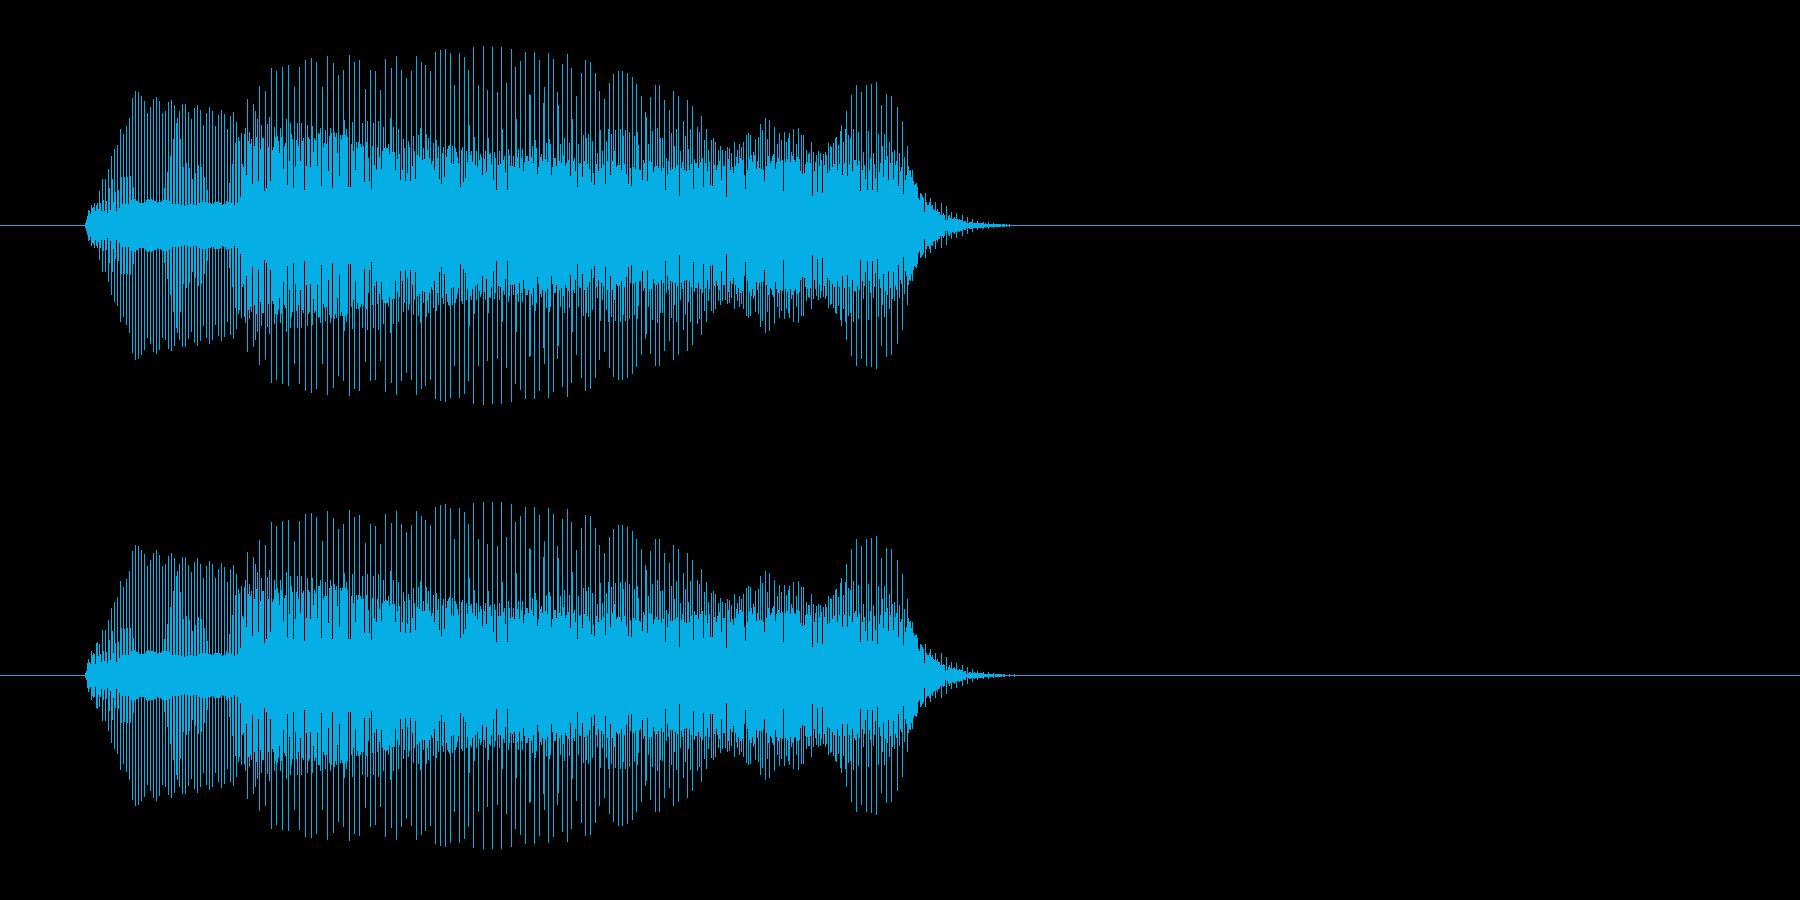 チューッ(小動物の鳴き声に似た効果音)の再生済みの波形